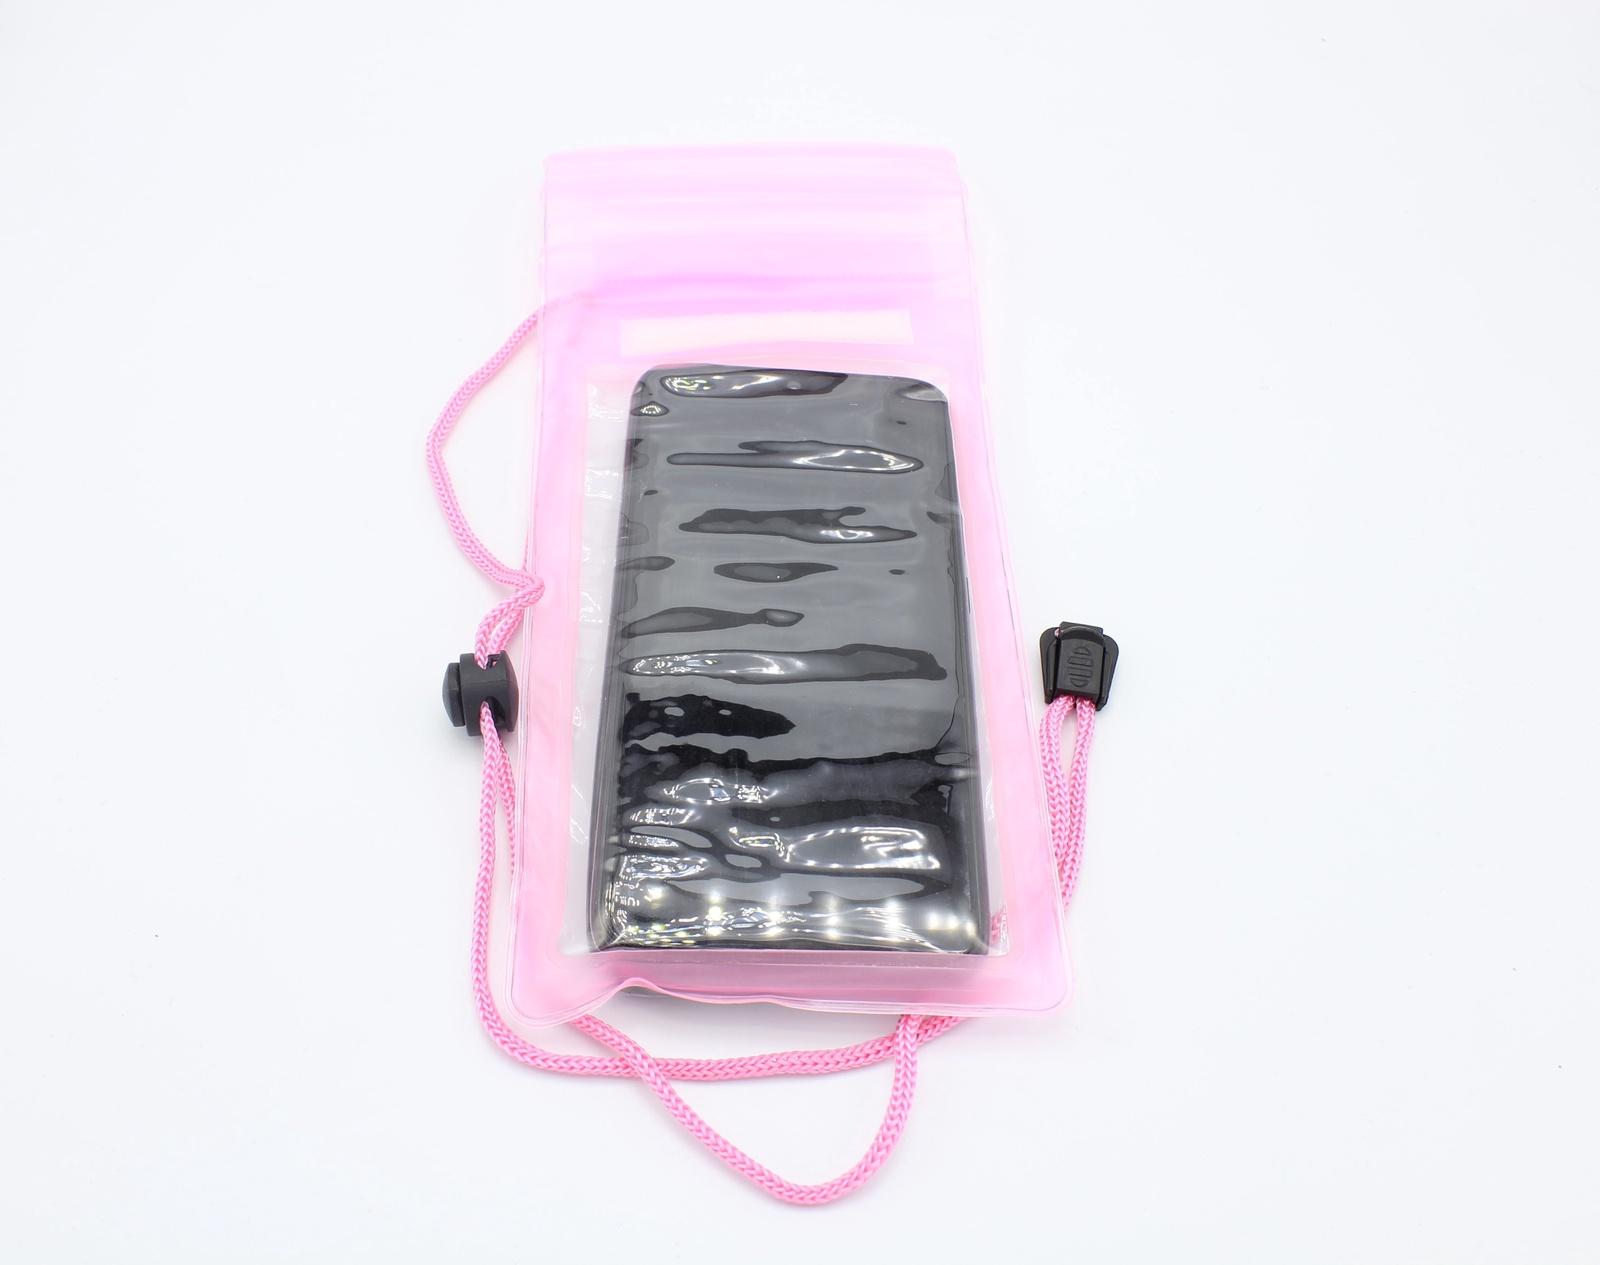 Водонепроницаемый чехол для телефона универсальный без компаса, розовый водонепроницаемый чехол для телефона цена